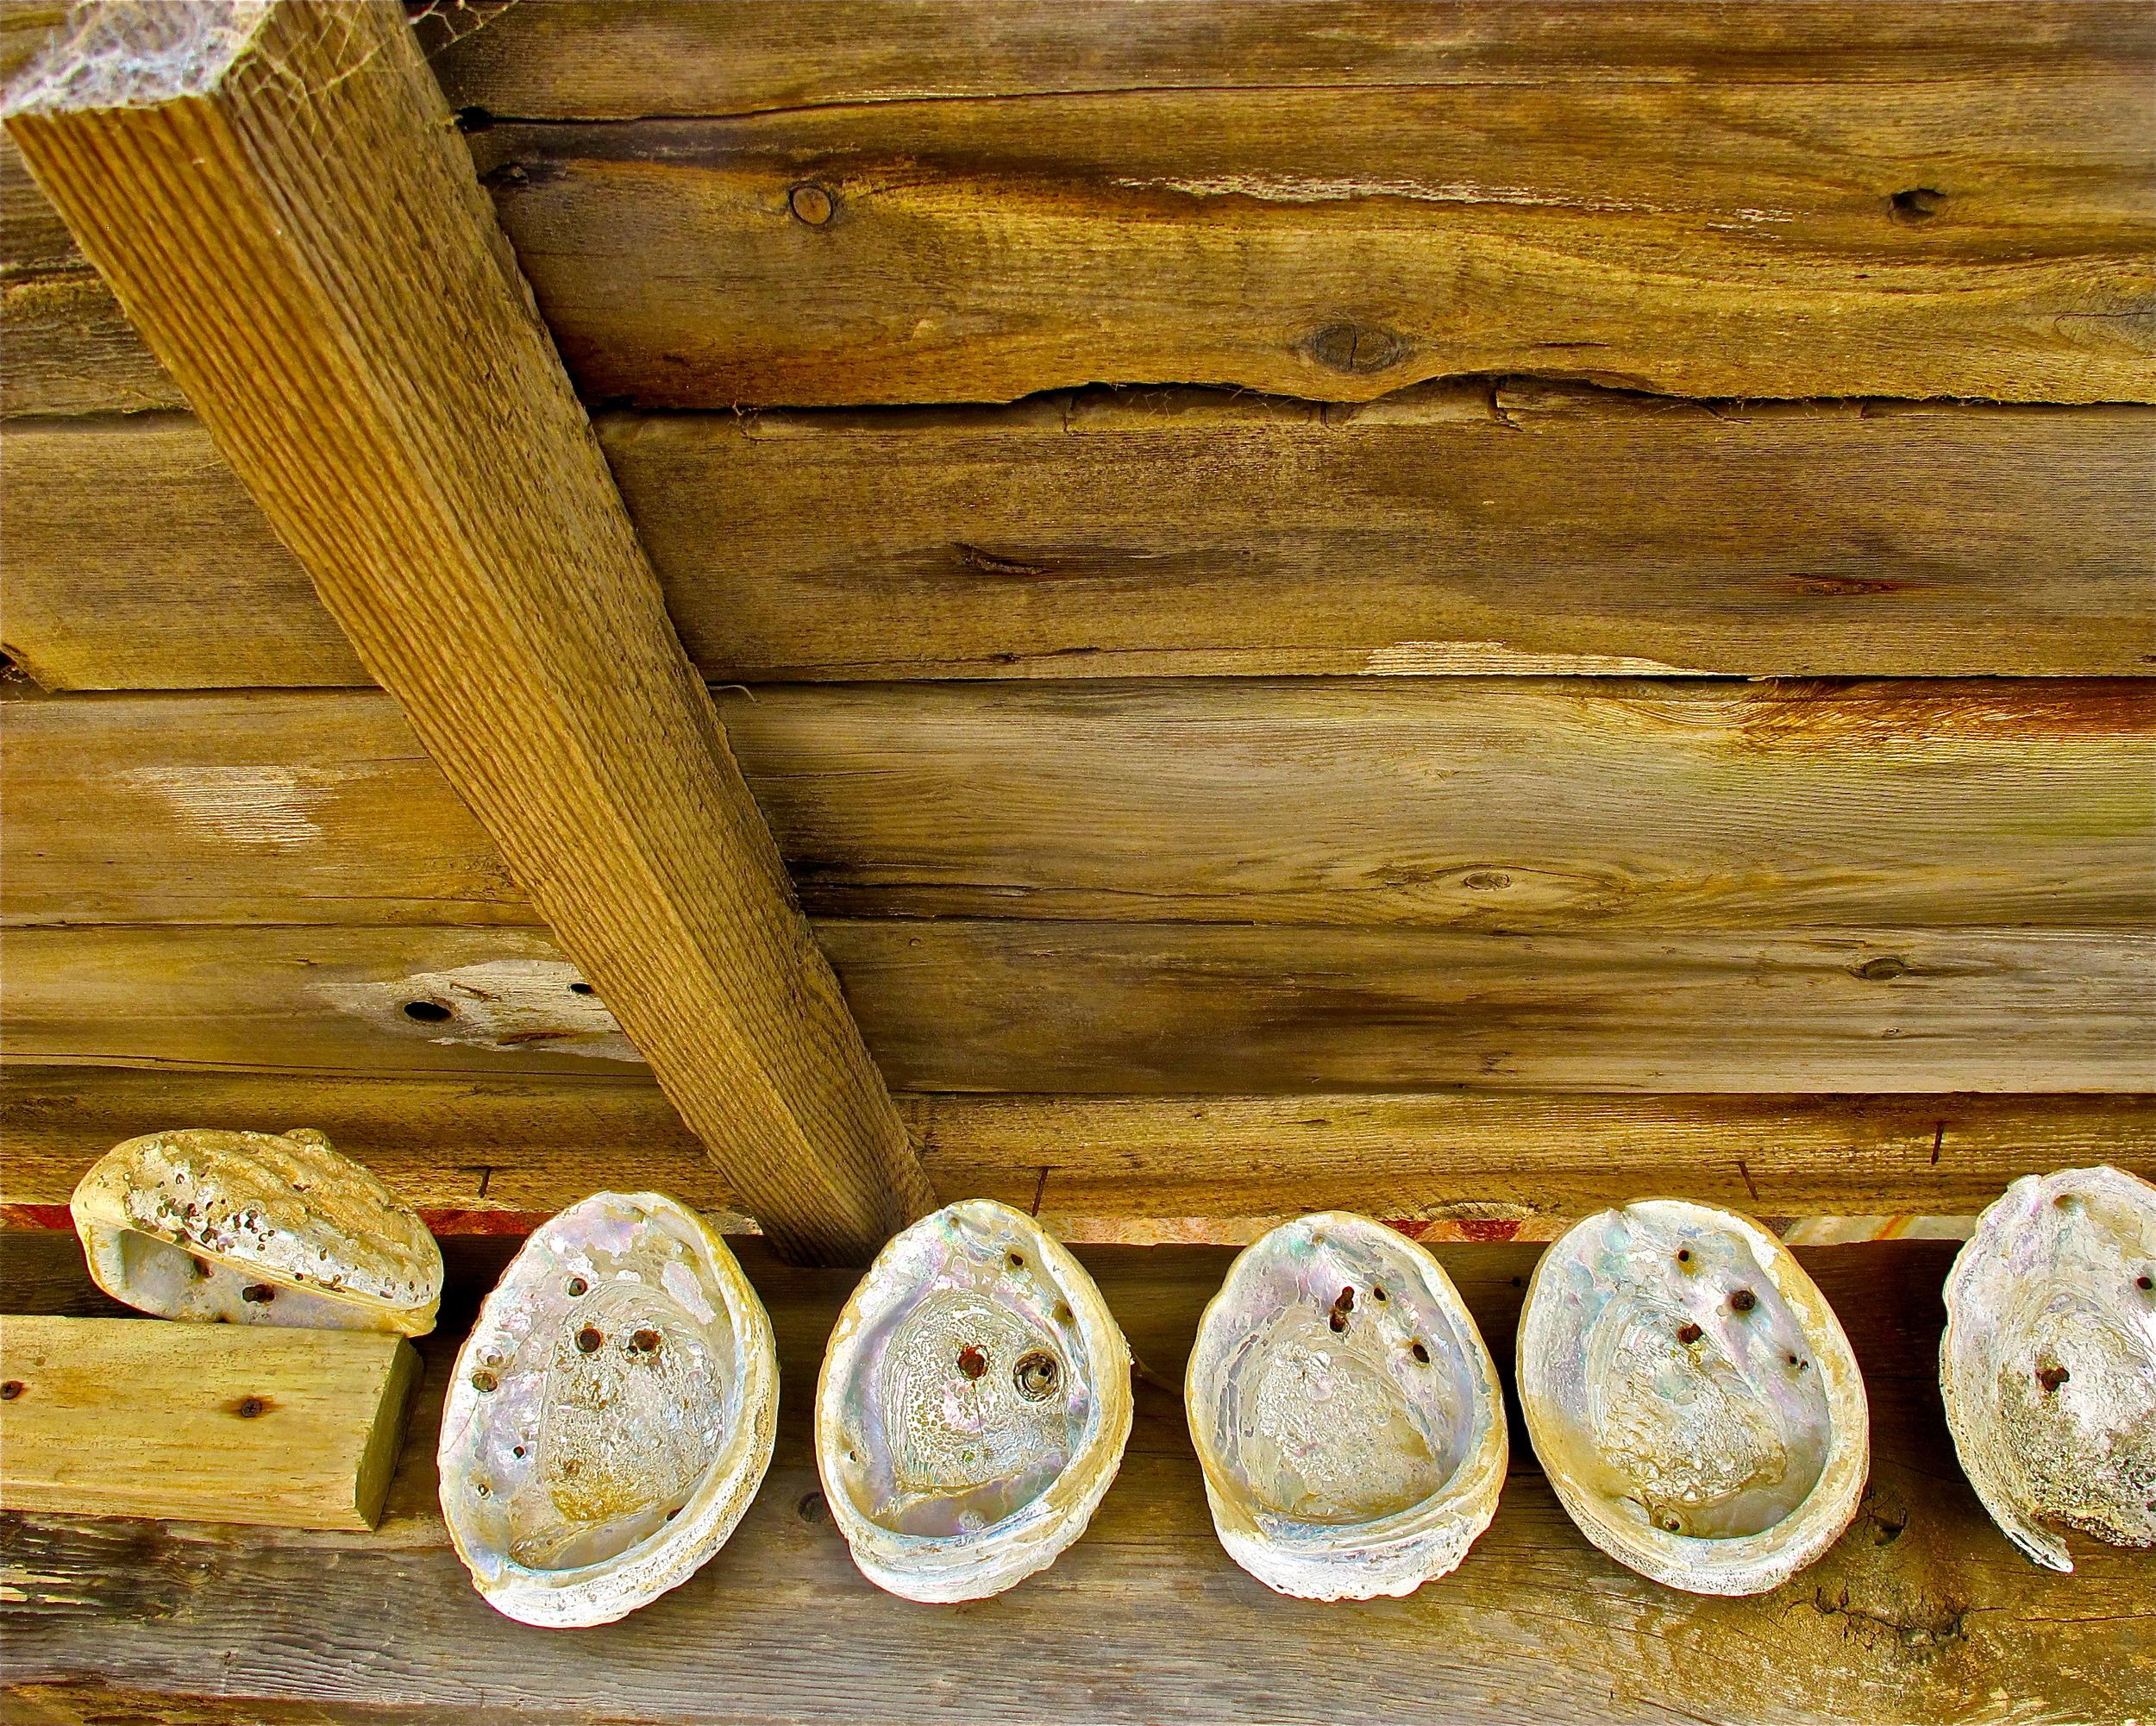 Abalone Shells, China Camp